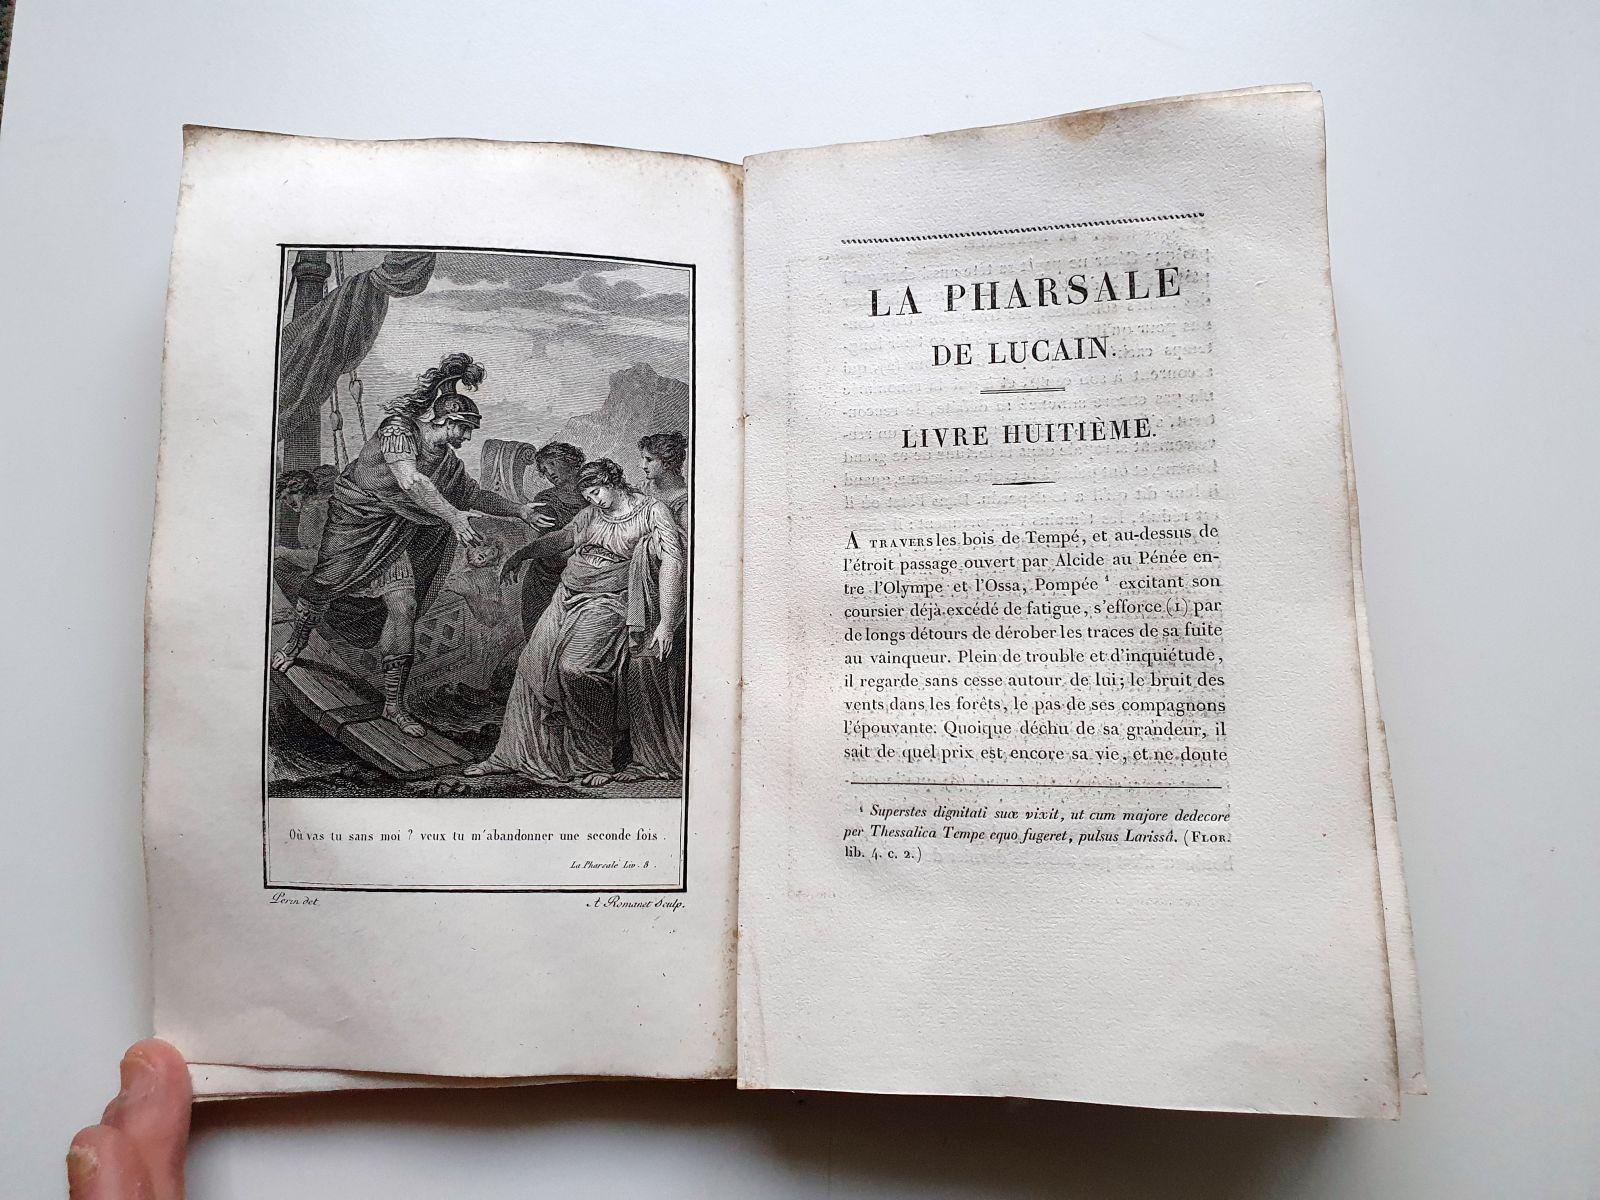 Pharsale de Lucain